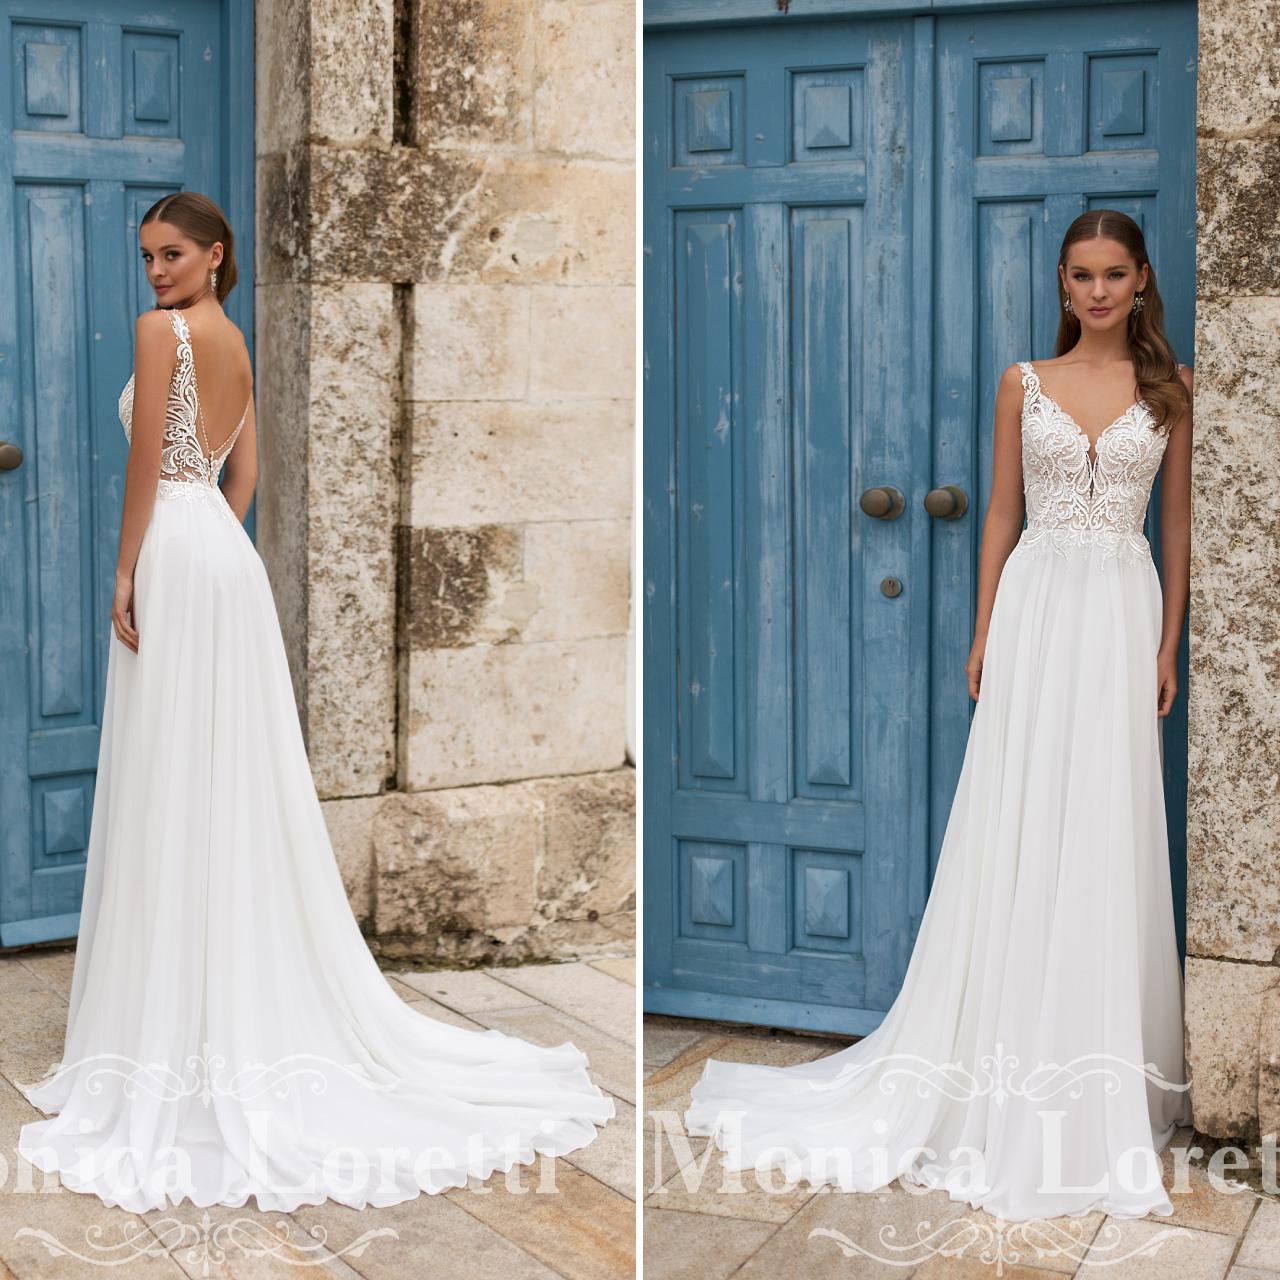 Abiti Da Sposa 00165.Abiti Spose Monica Loretti 2020 Da Boutique Velo